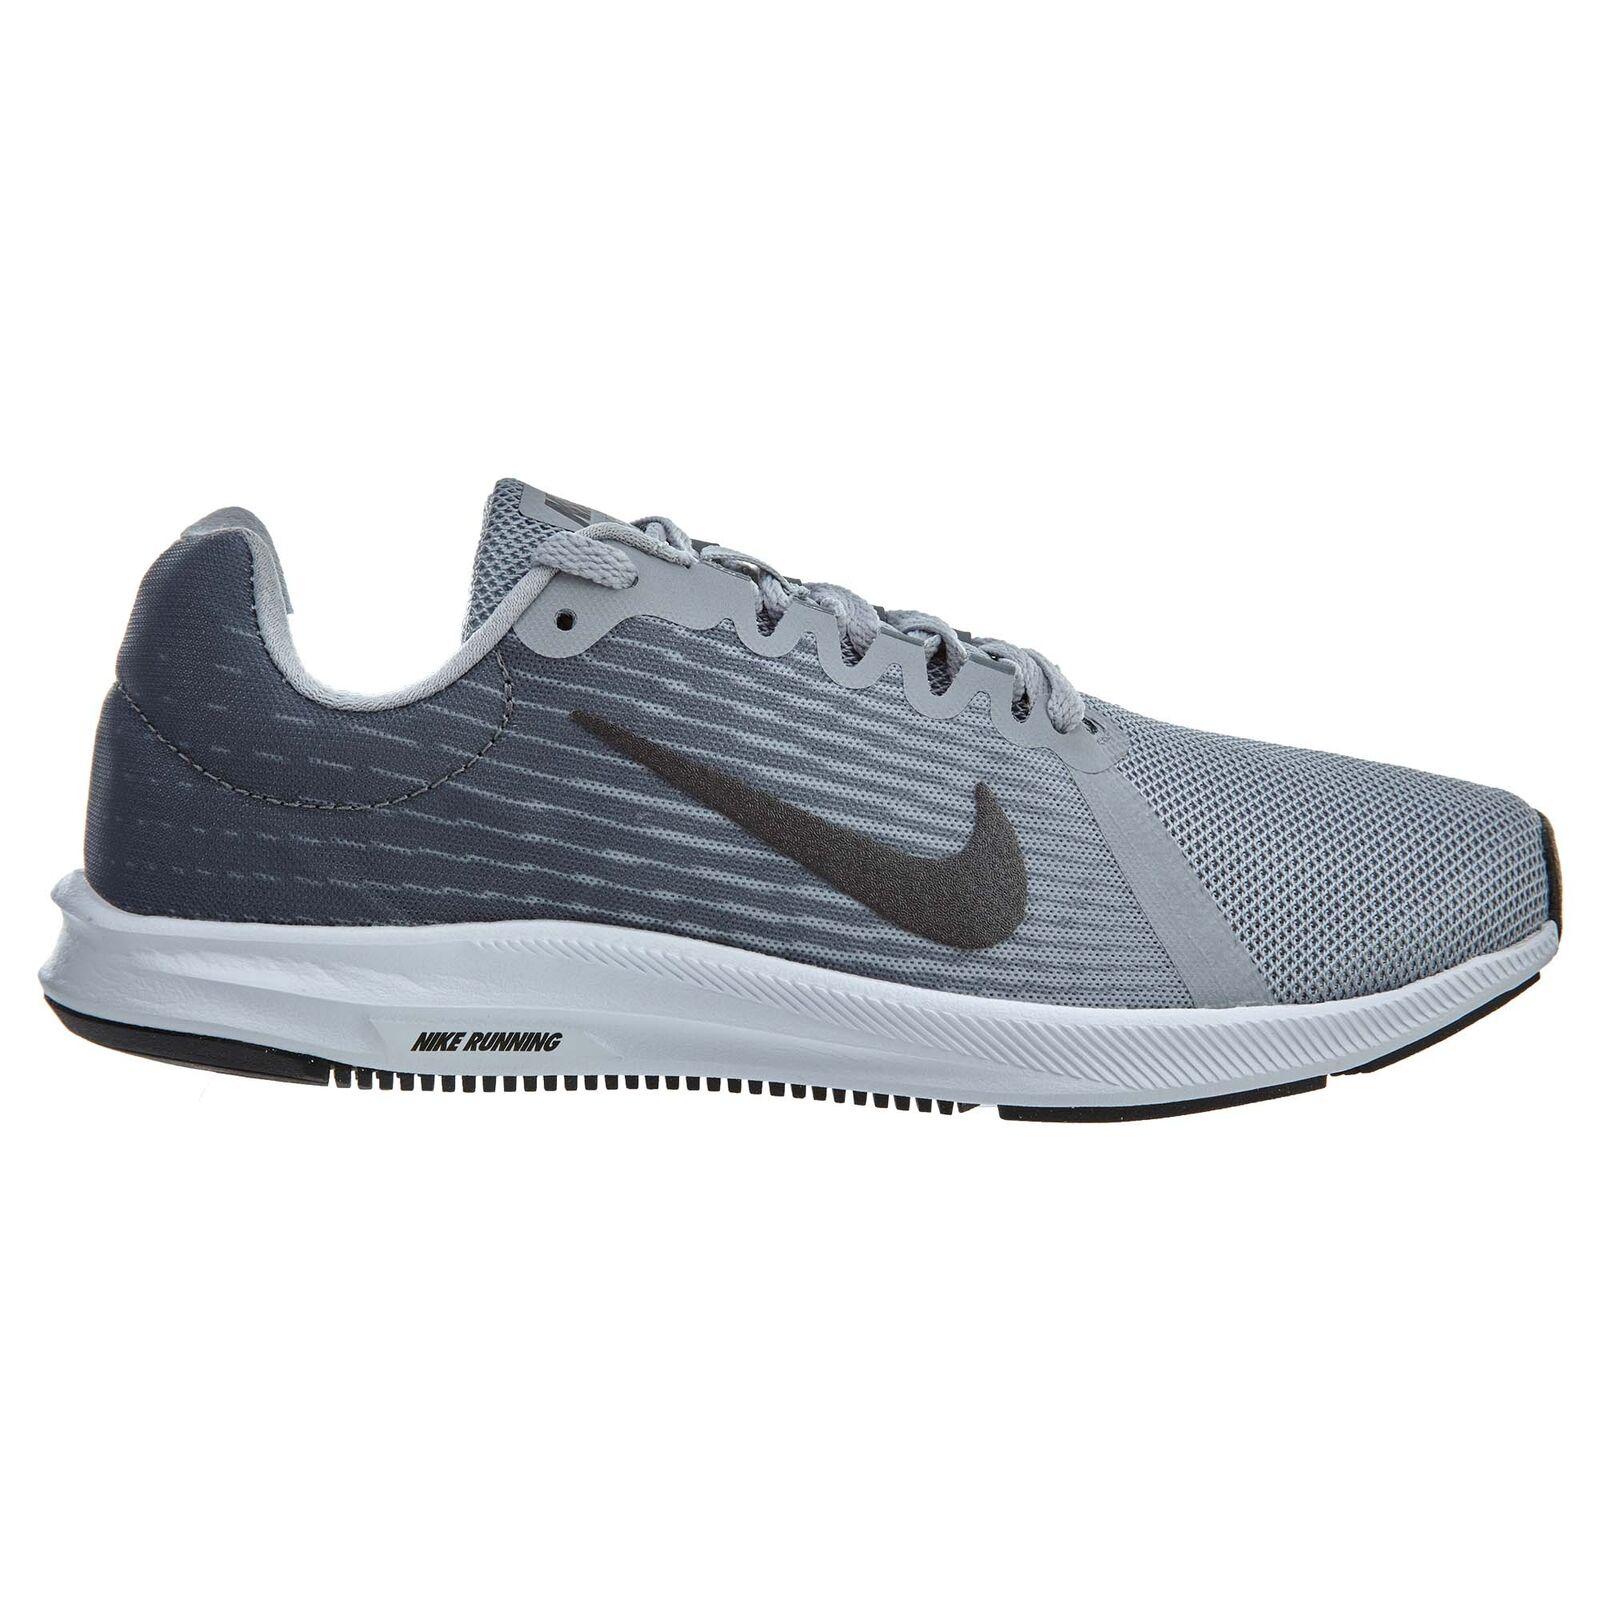 Nike romaleos 2 sz sollevamento pesi powerlifting scarpe nere gray sz 2 15 476927-001 0c9643